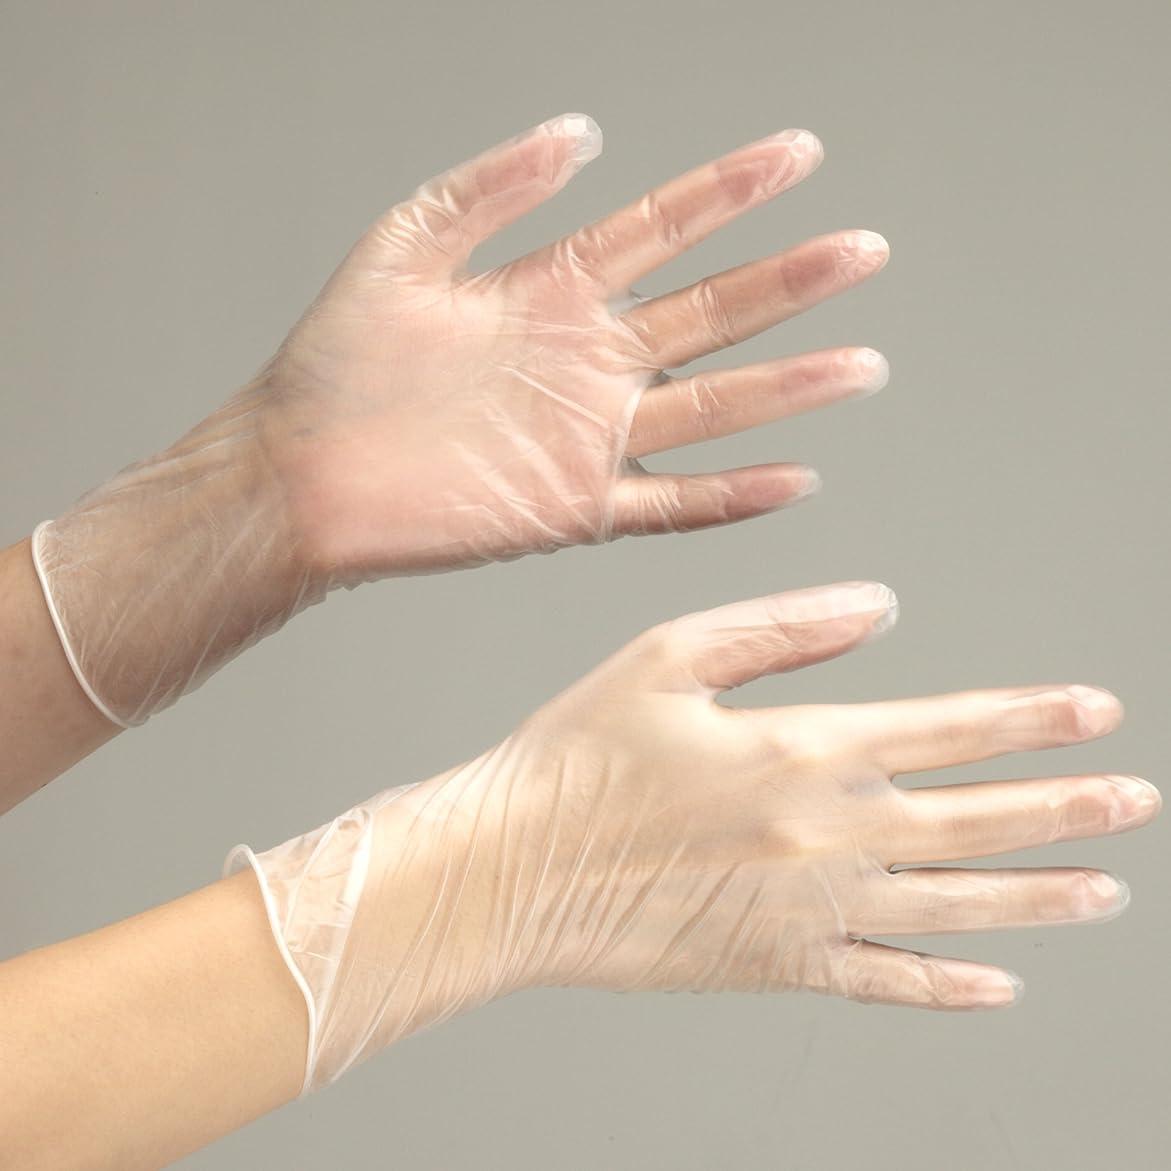 すみません農村メカニックミドリ安全 使い捨てPVC手袋 ベルテプラテ853 SS (粉付き/100枚)